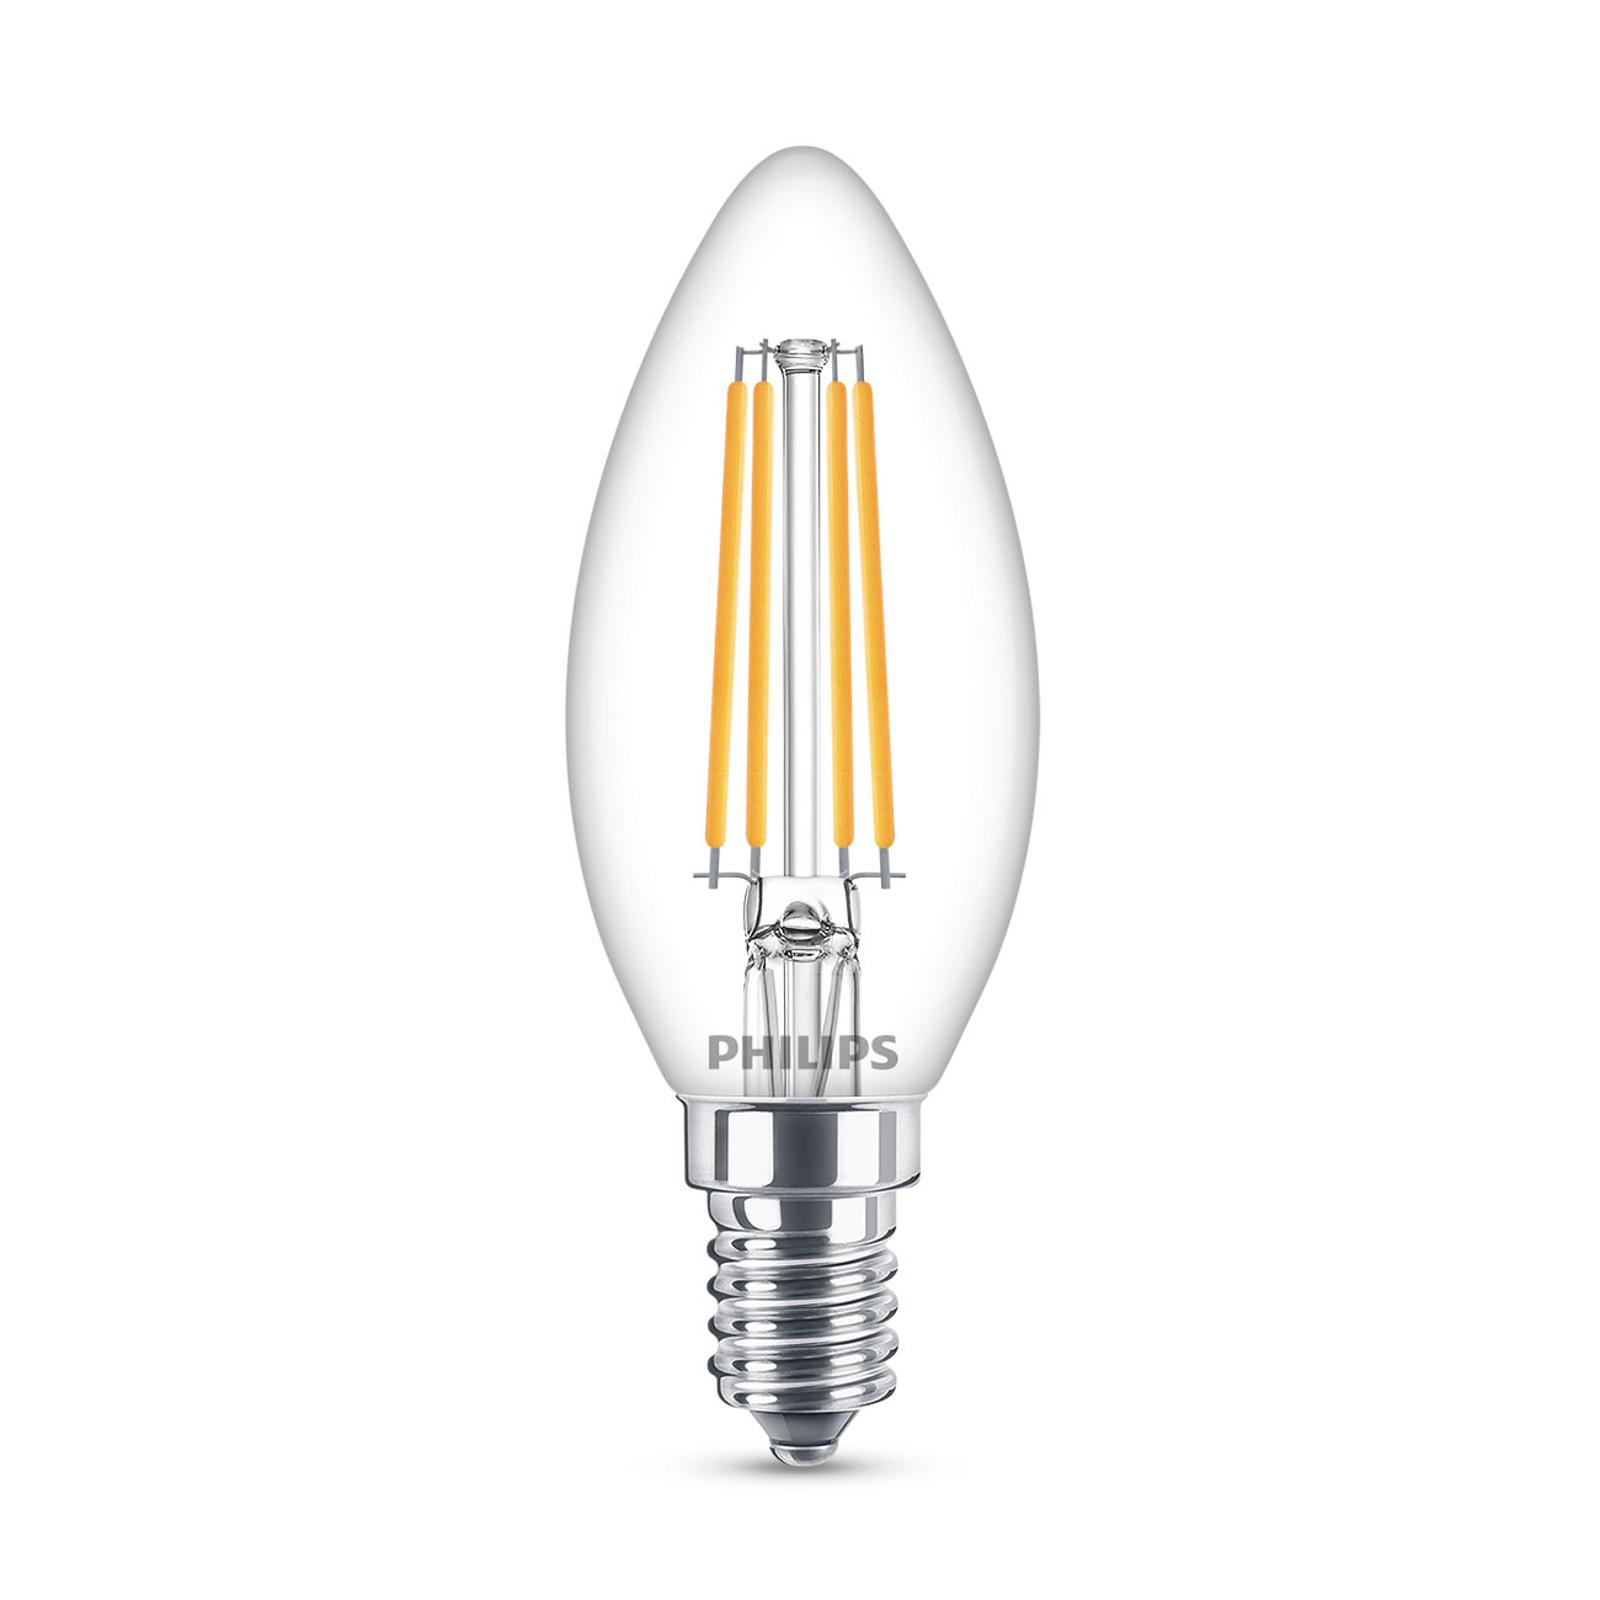 Philips Classic LED-Lampe E14 B35 6,5W klar 4.000K